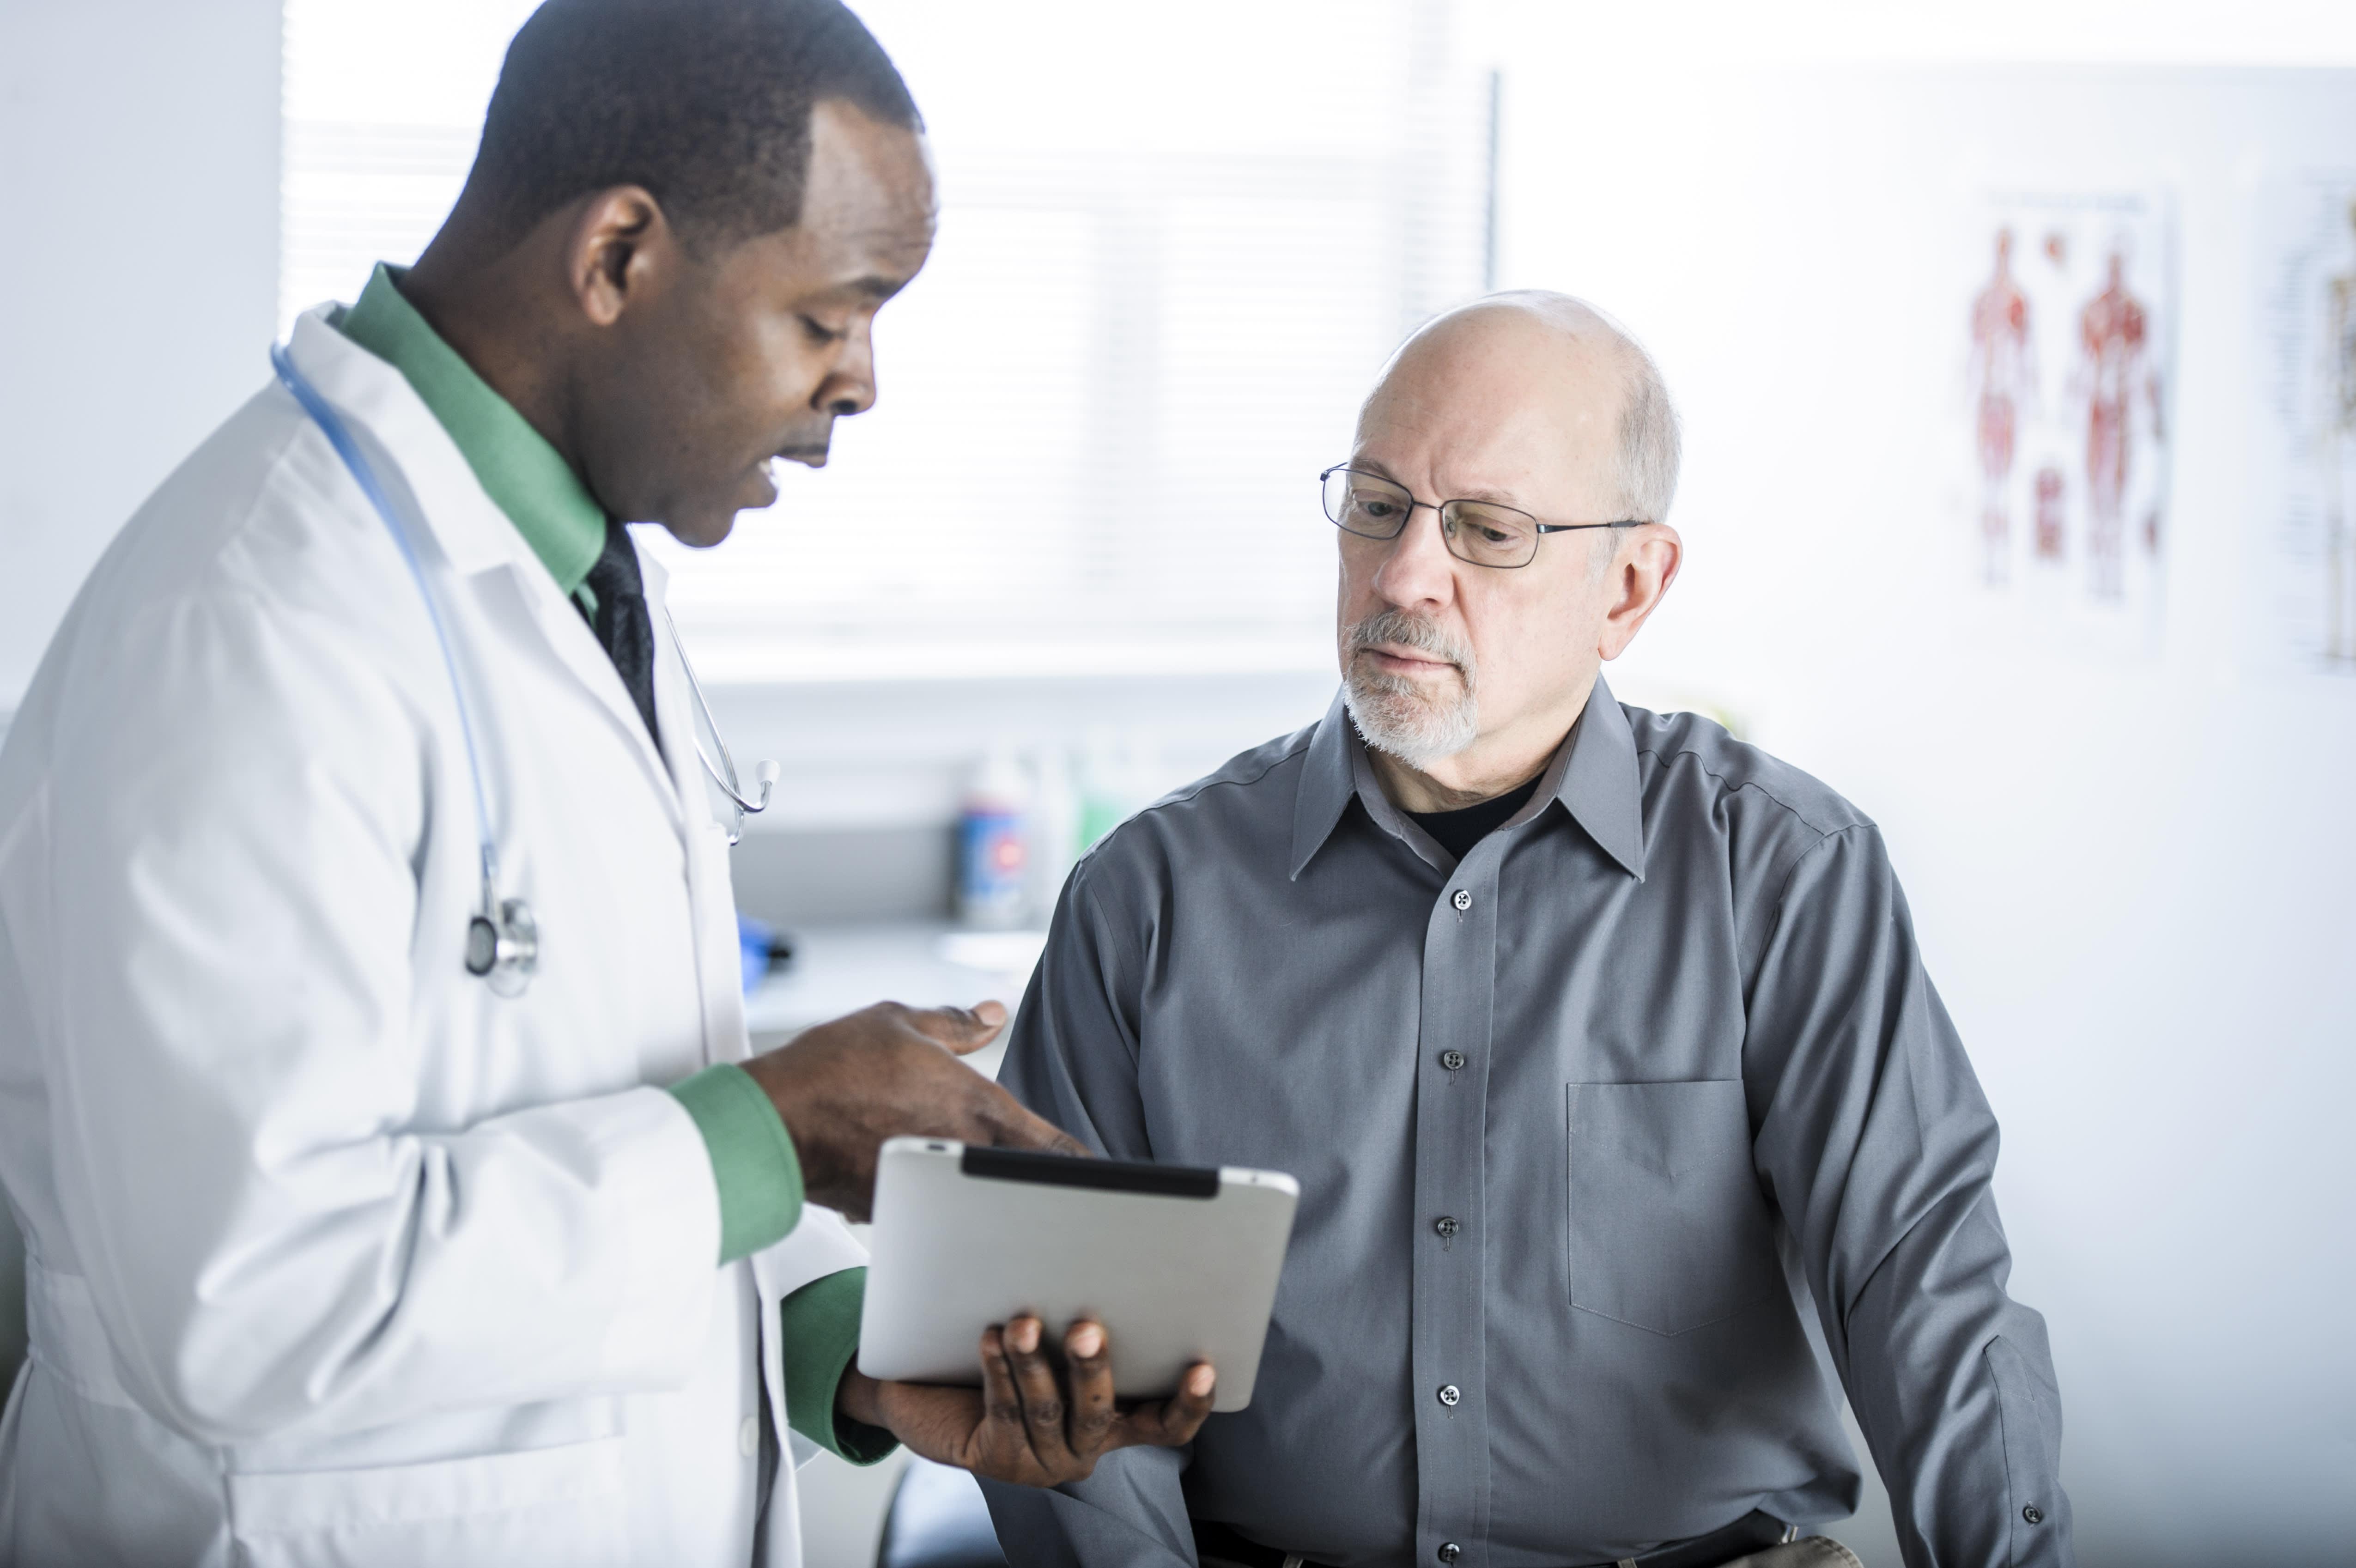 Best health insurance for seniors under 65